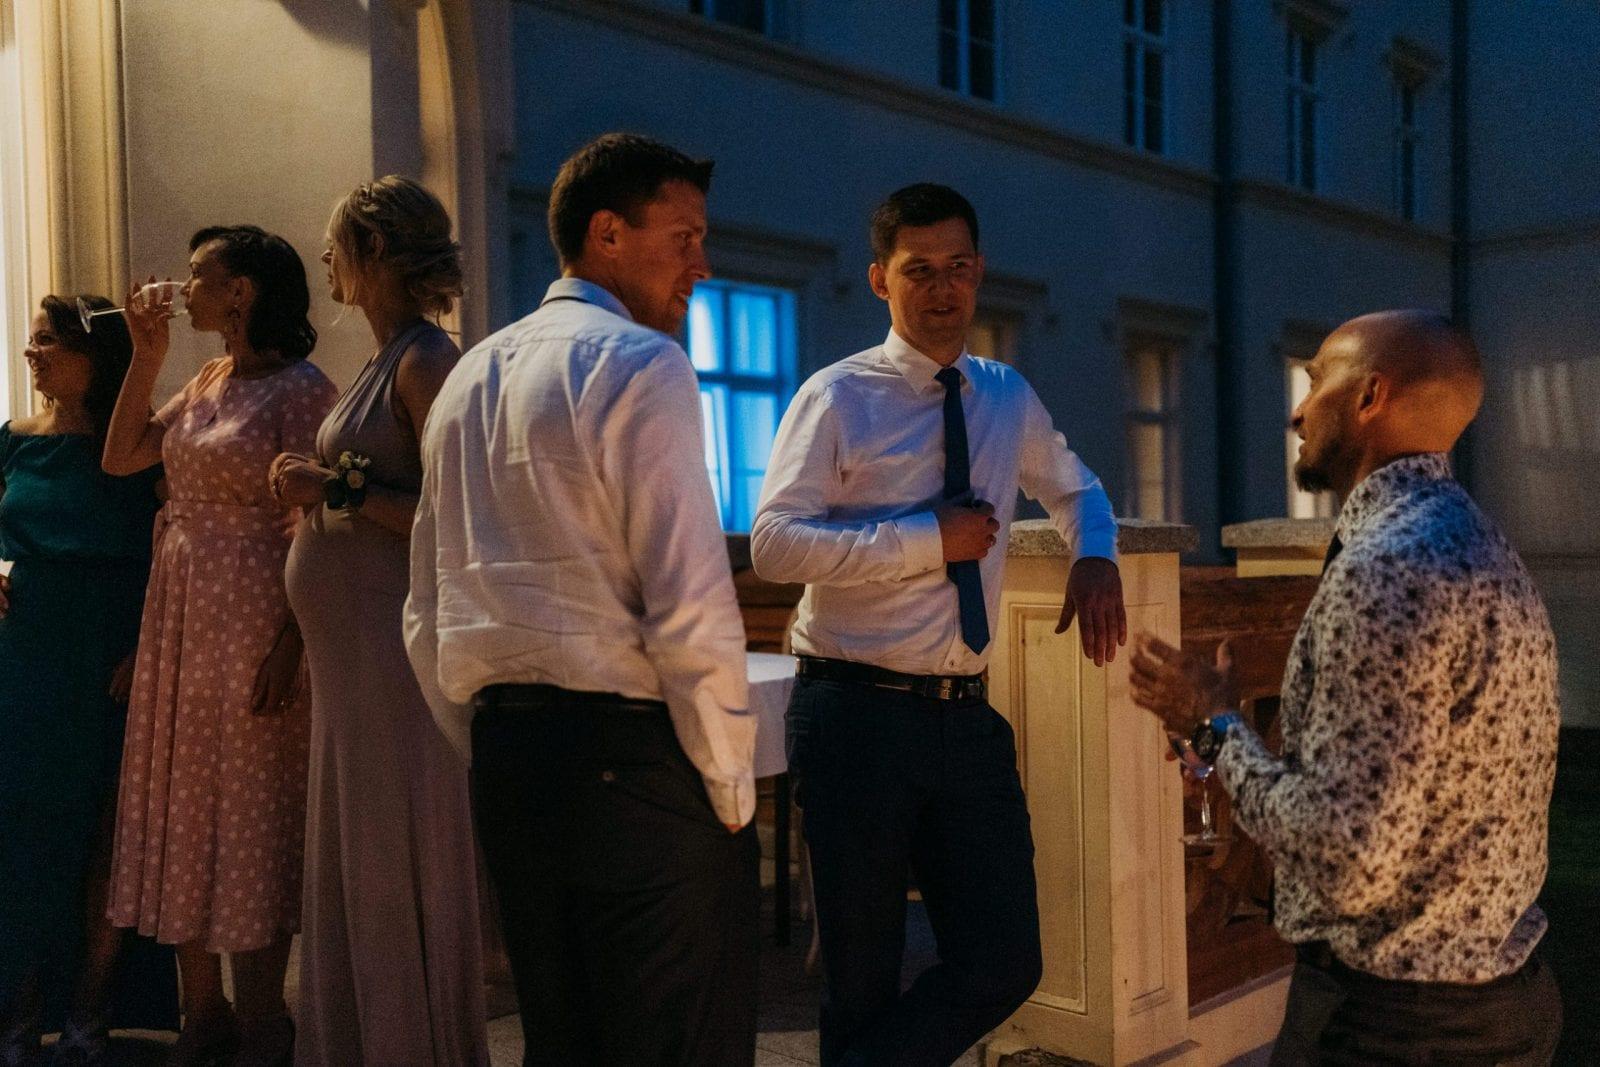 Pałac Mierzęcin, ślub w pałacu, Suknia ślubna Viola Piekut, Wesele w pałacu, wesele w Pałacu Mierzęcin wesele w Pałacu Mierzęcin